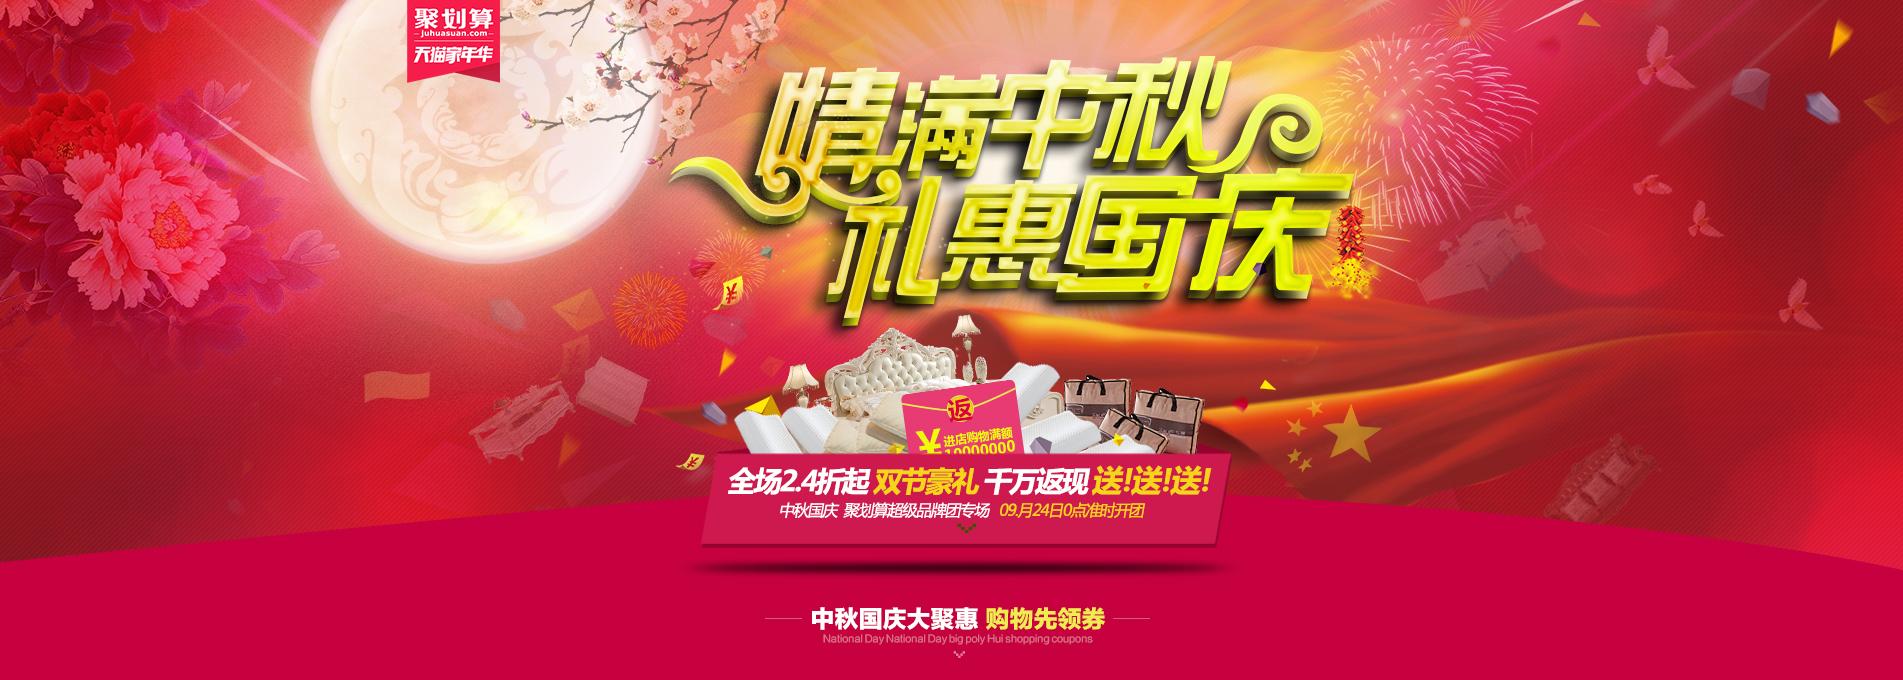 中秋国庆双节 海报欧式家具 淘宝 天猫 电商创意 家具图片